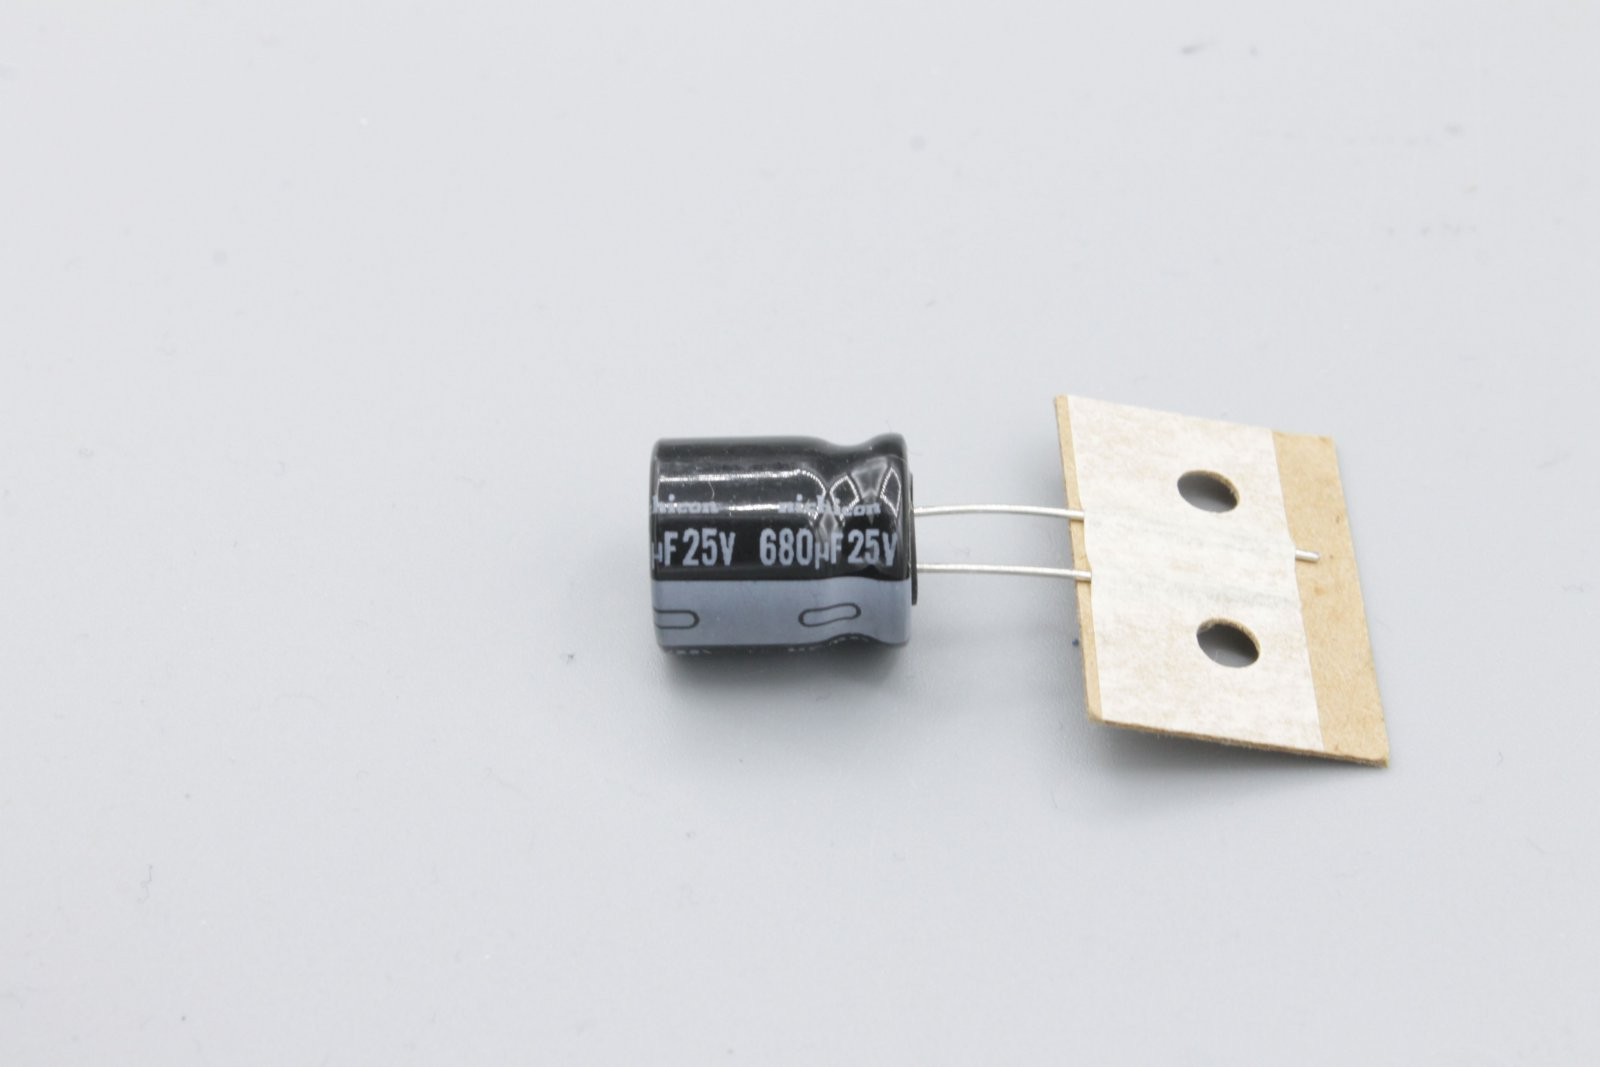 Elko 680µ 25V radial